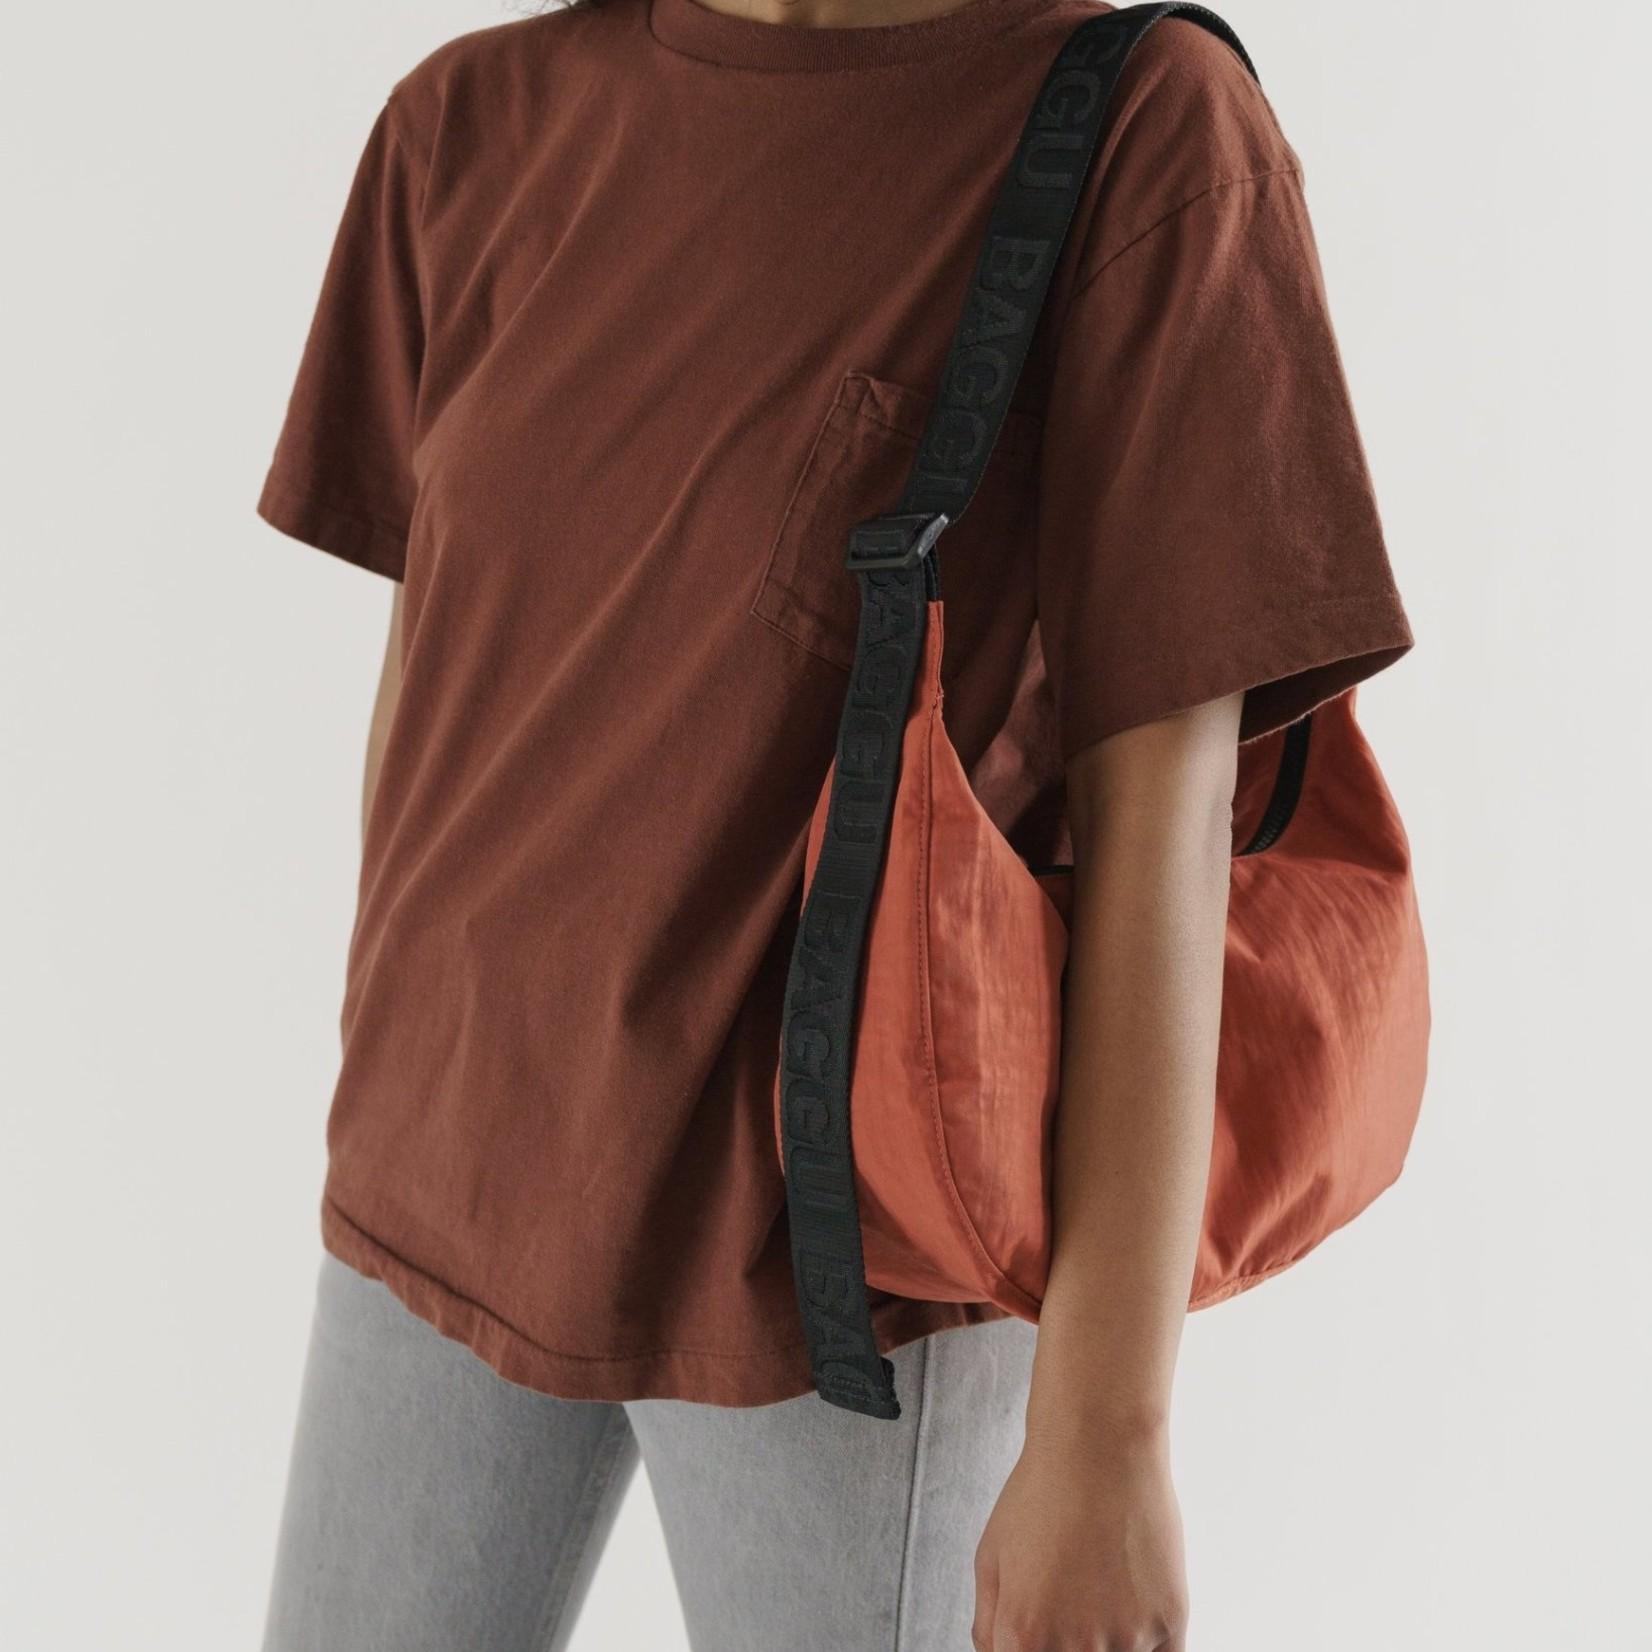 Baggu Baggu Medium Nylon Crescent Bag Sienna